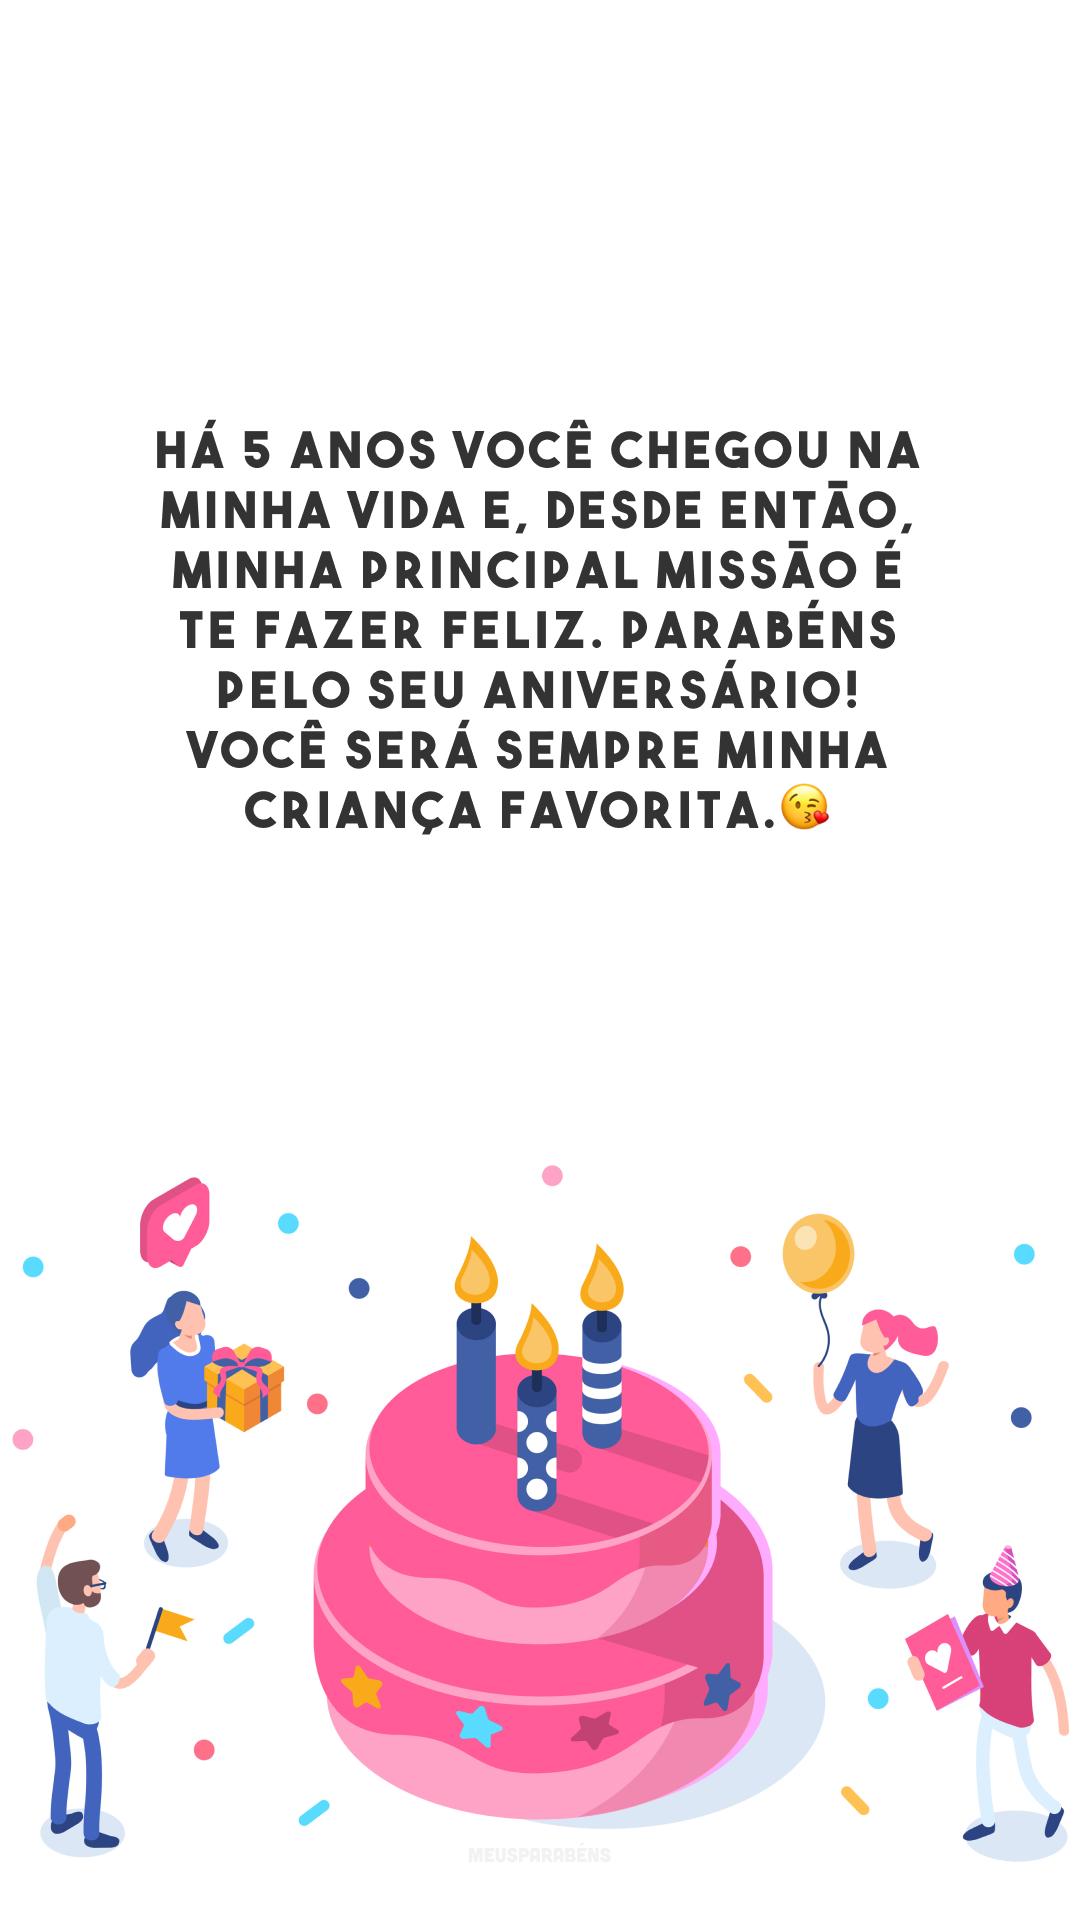 Há 5 anos você chegou na minha vida e, desde então, minha principal missão é te fazer feliz. Parabéns pelo seu aniversário! Você será sempre minha criança favorita.😘